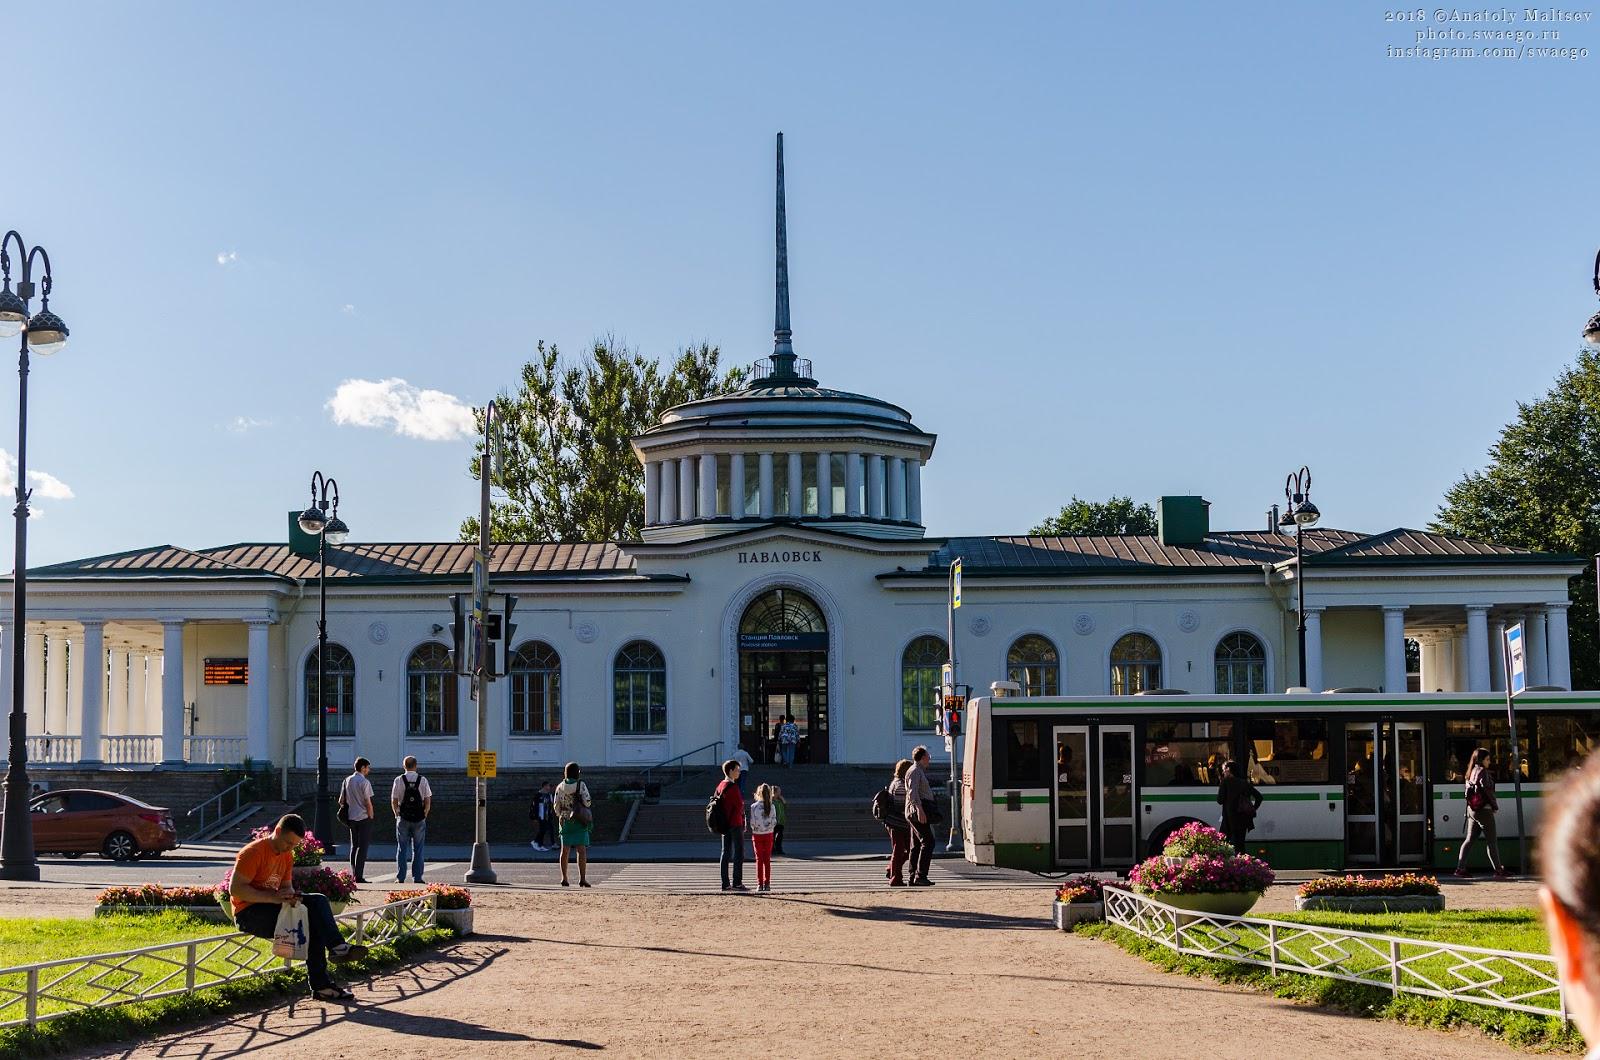 Павловск. Фотопрогулка по Павловскому парку